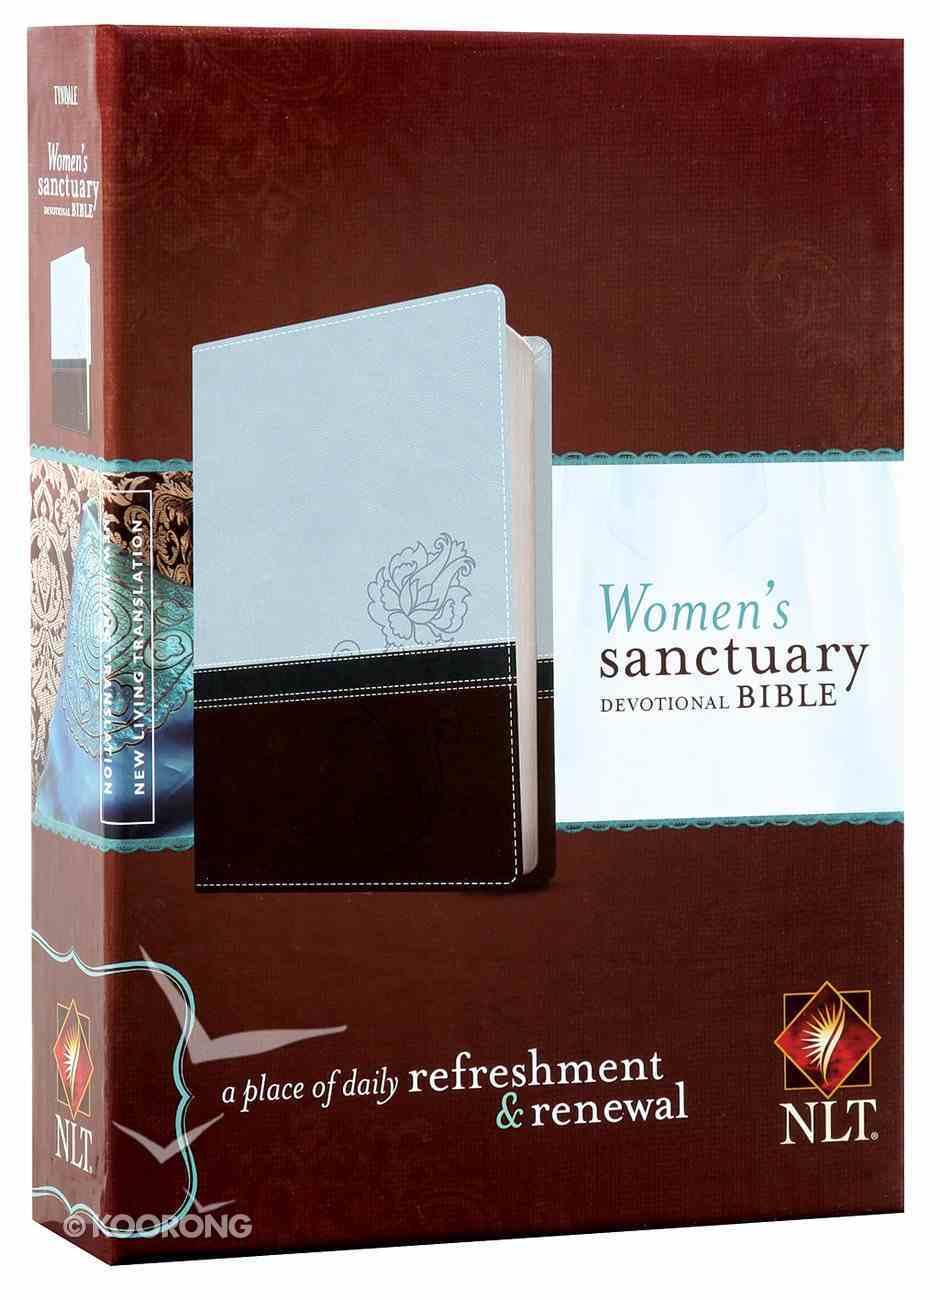 NLT Women's Sanctuary Devotional Bible Cool Blue/ Chocolate Rose (Black Letter Edition) Imitation Leather